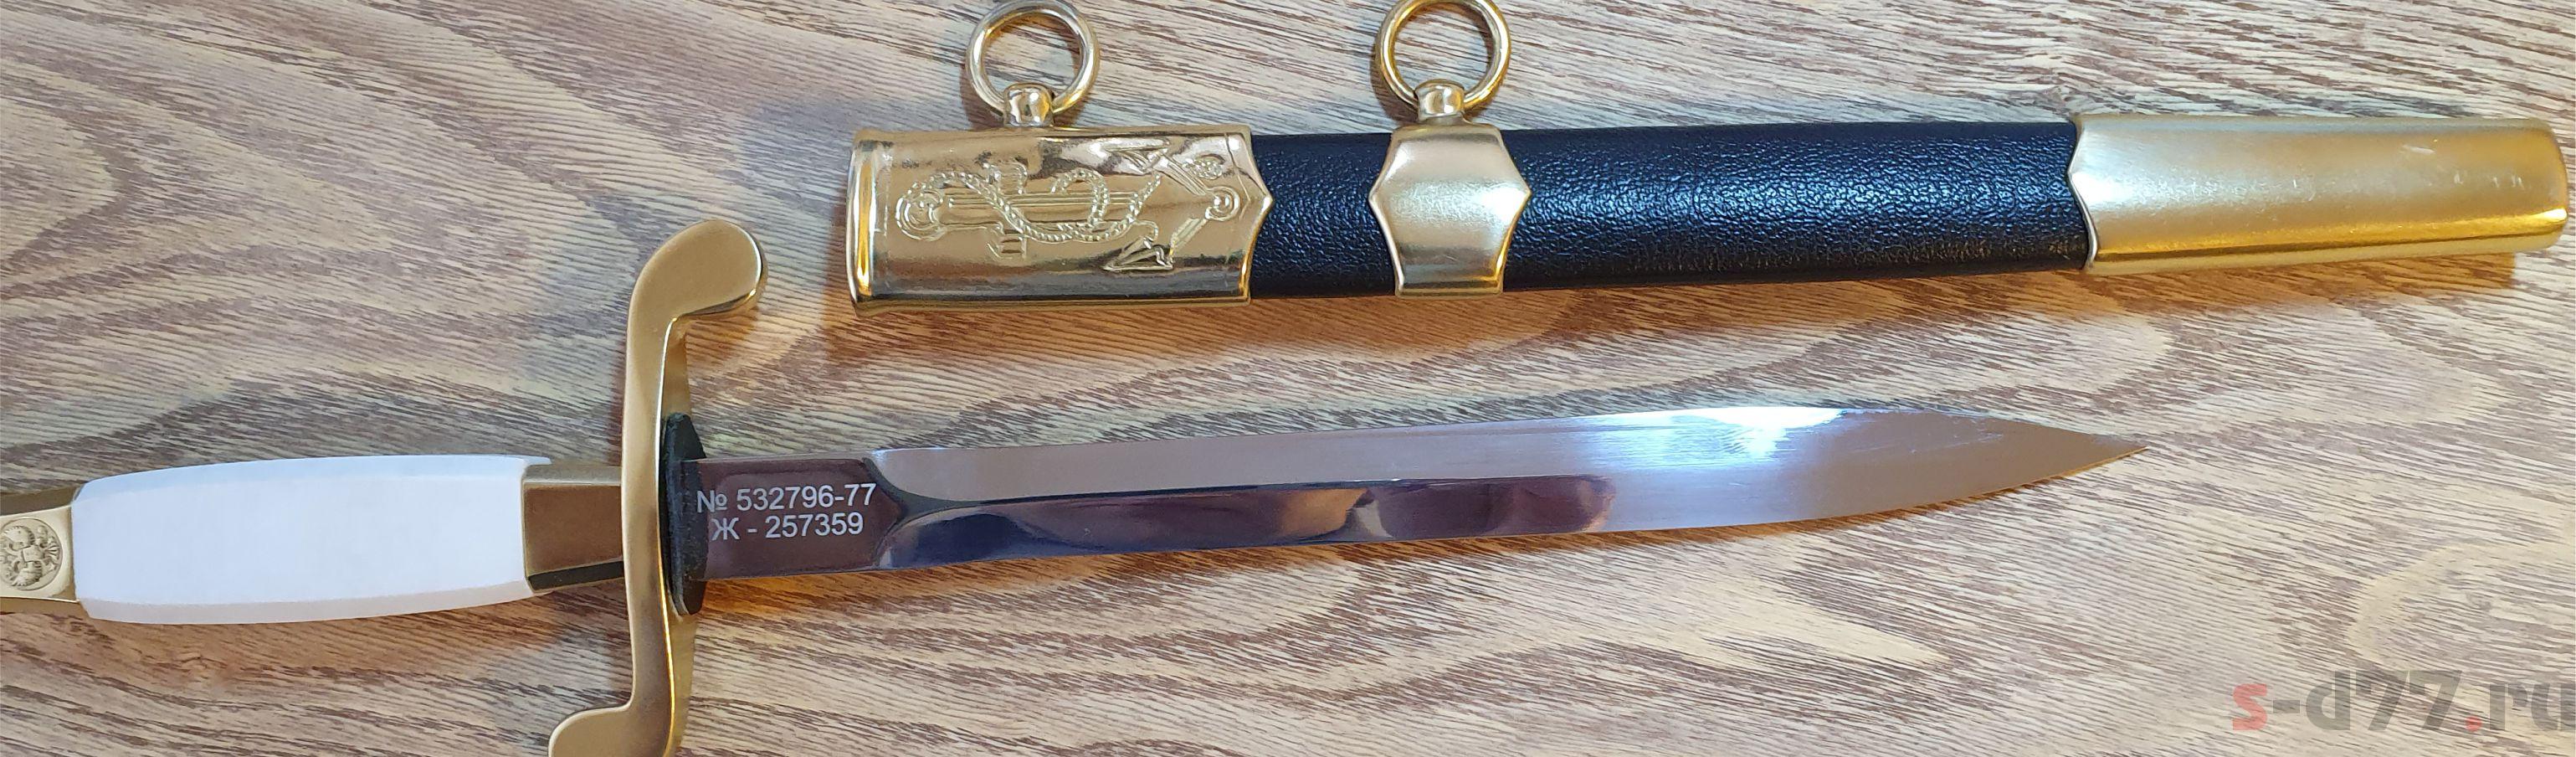 Лазерная гравировка срочно на ножах в Щербинке, Бутово